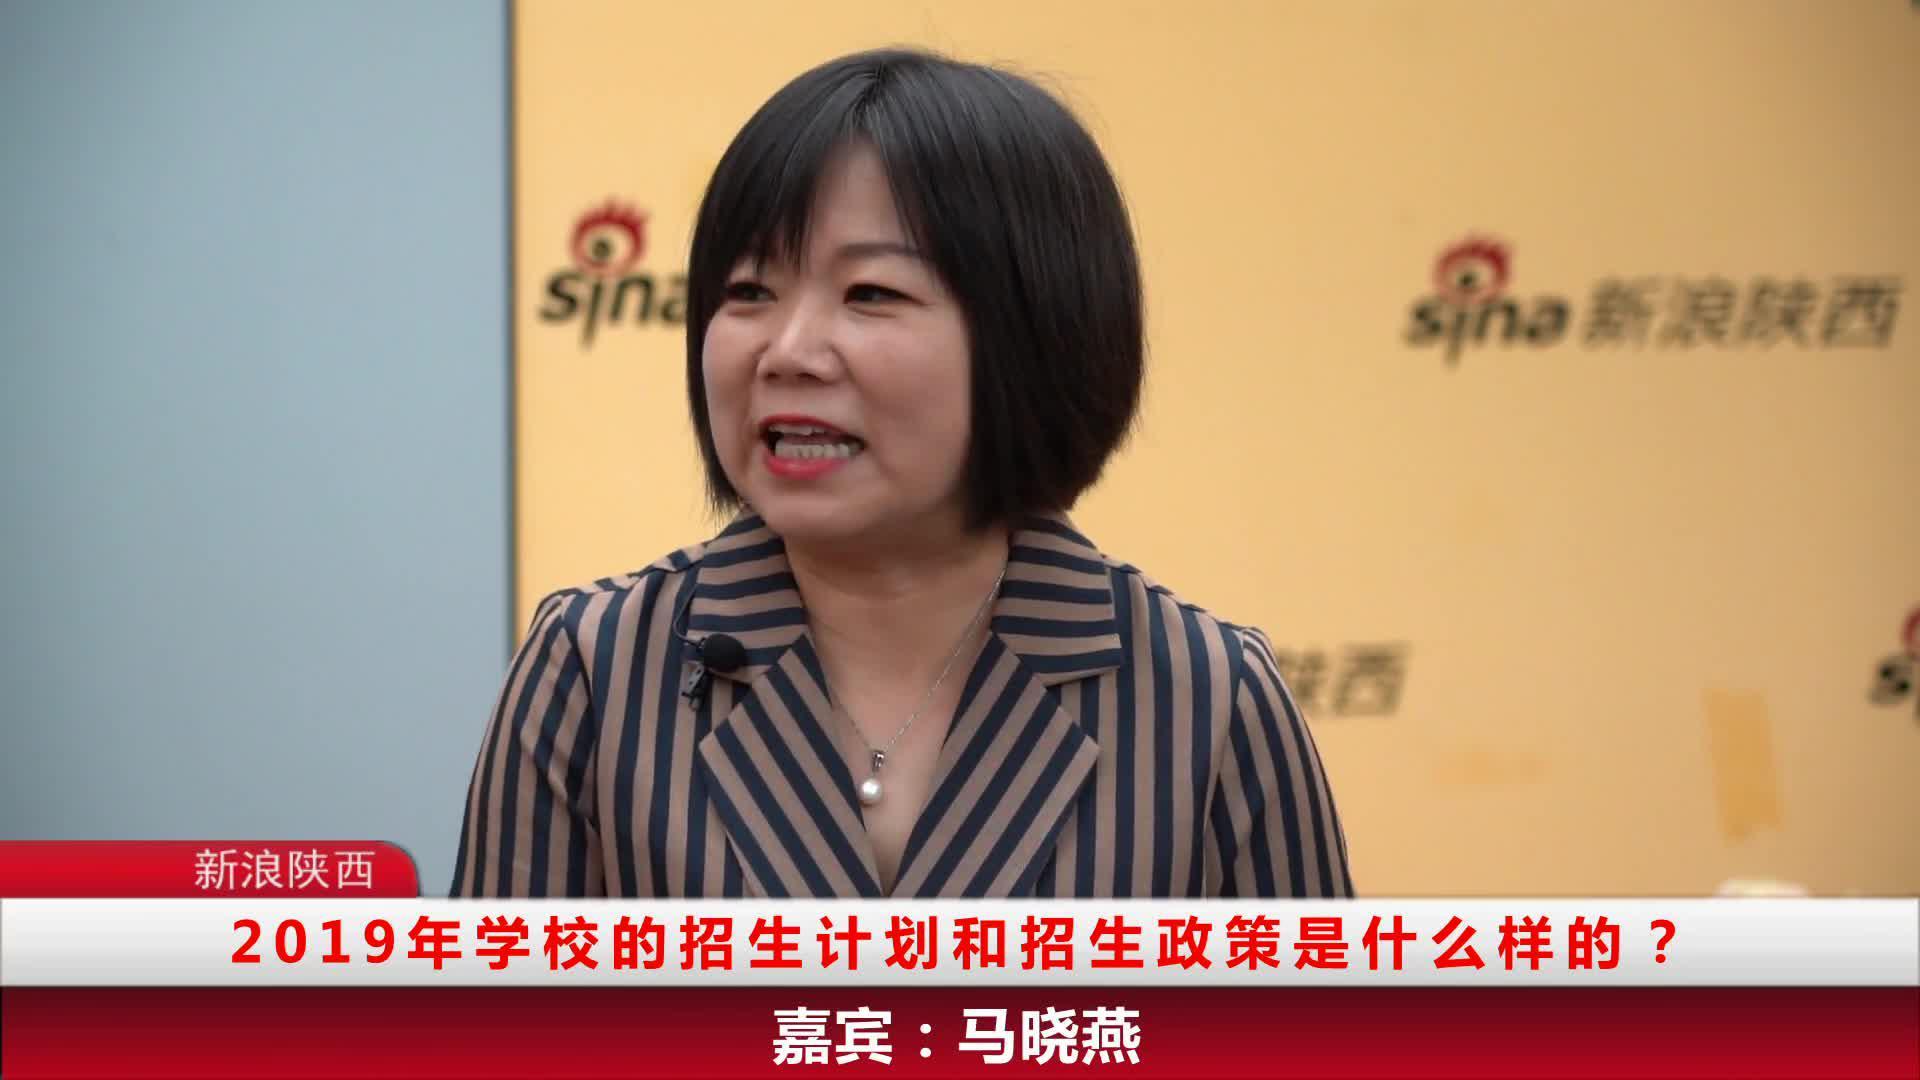 新浪陕西专访西安思源学院副院长兼招办主任马晓燕